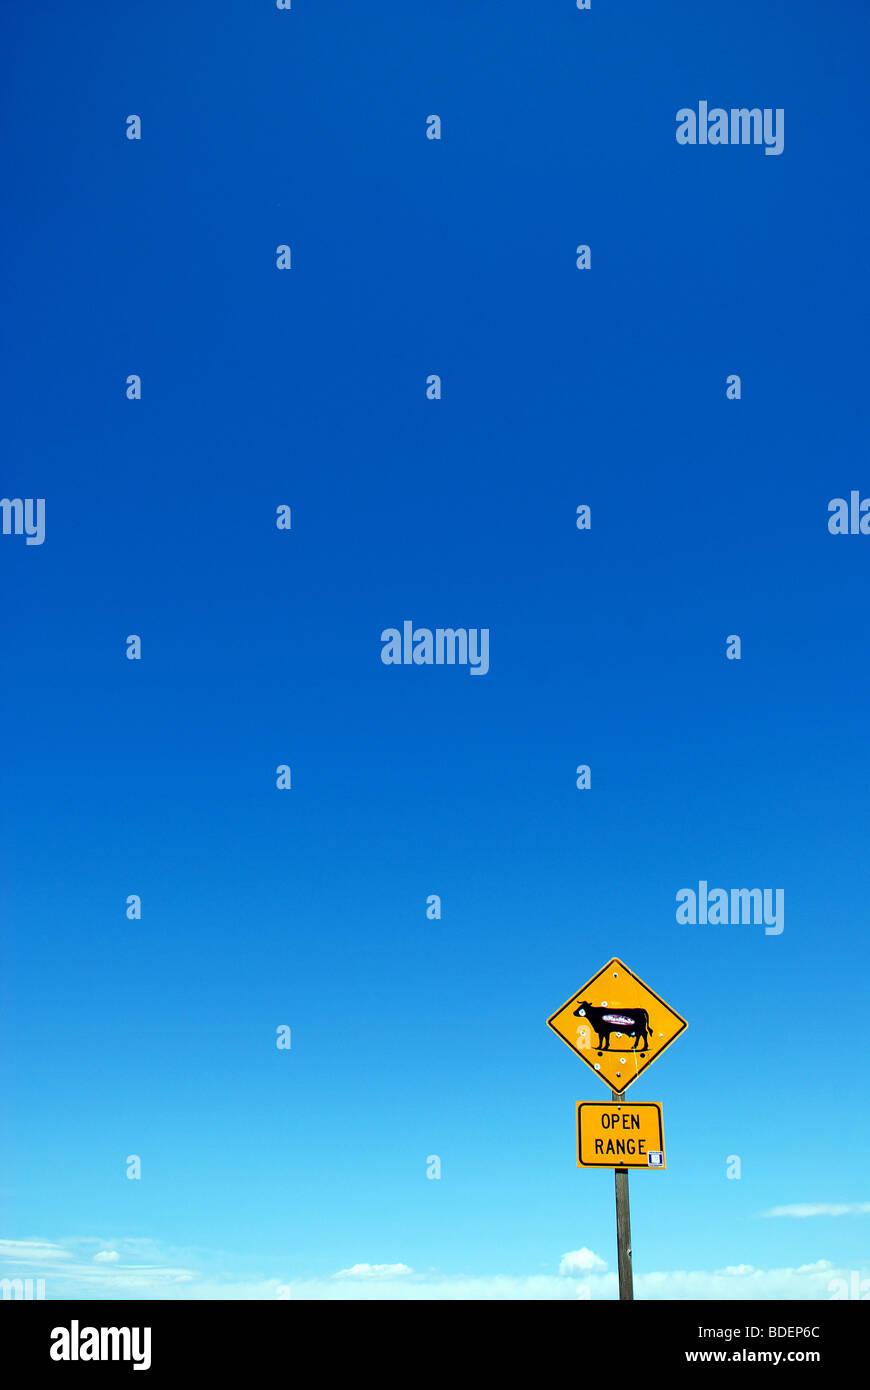 'Ouvrir' Gamme jaune panneau de circulation avec trous de balle contre ciel bleu clair. Photo Stock